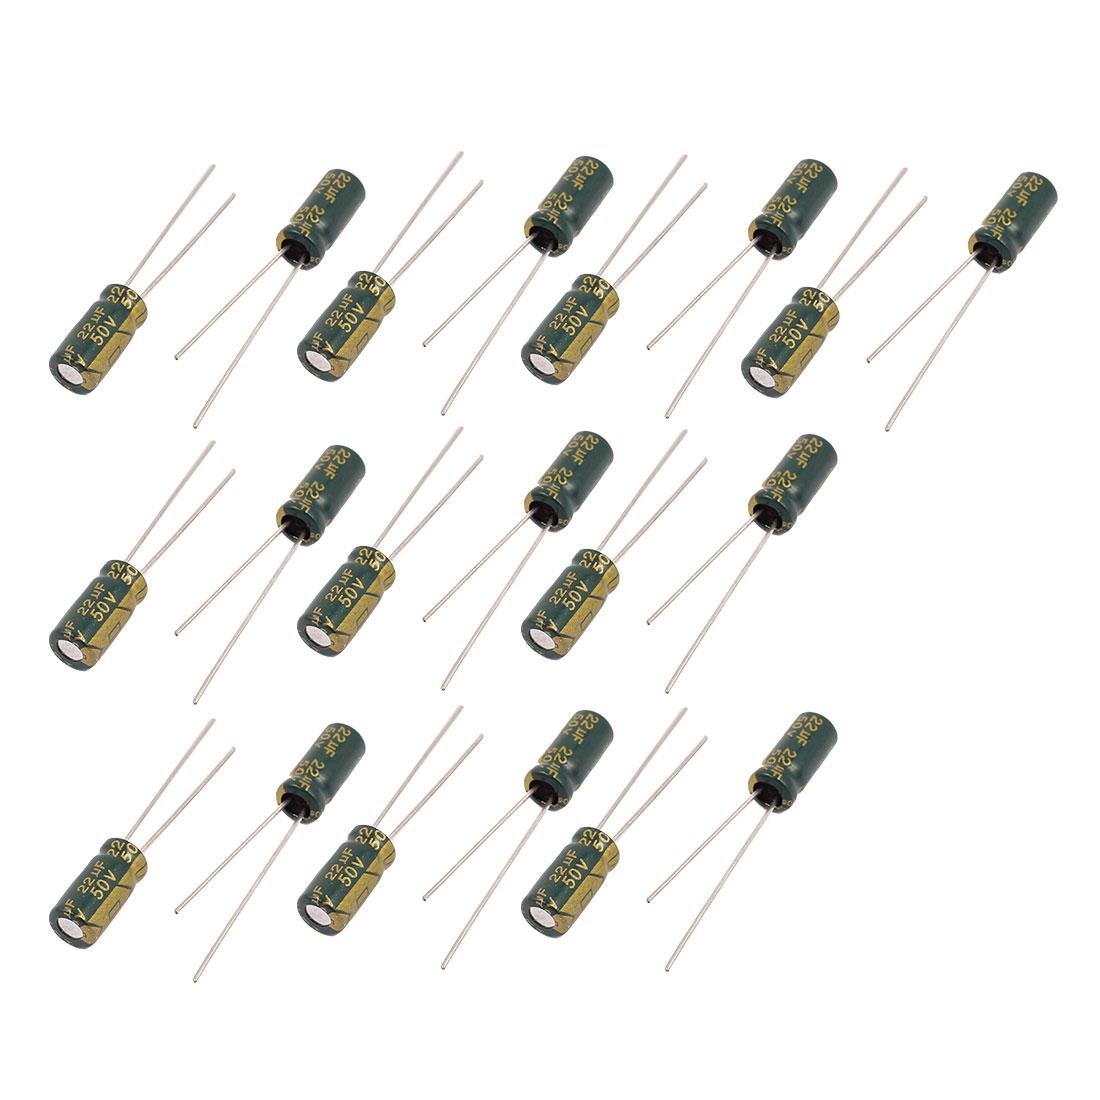 19Pcs 50V 22uF Aluminum Electrolytic Capacitors 105 degree Celsius 5x11mm